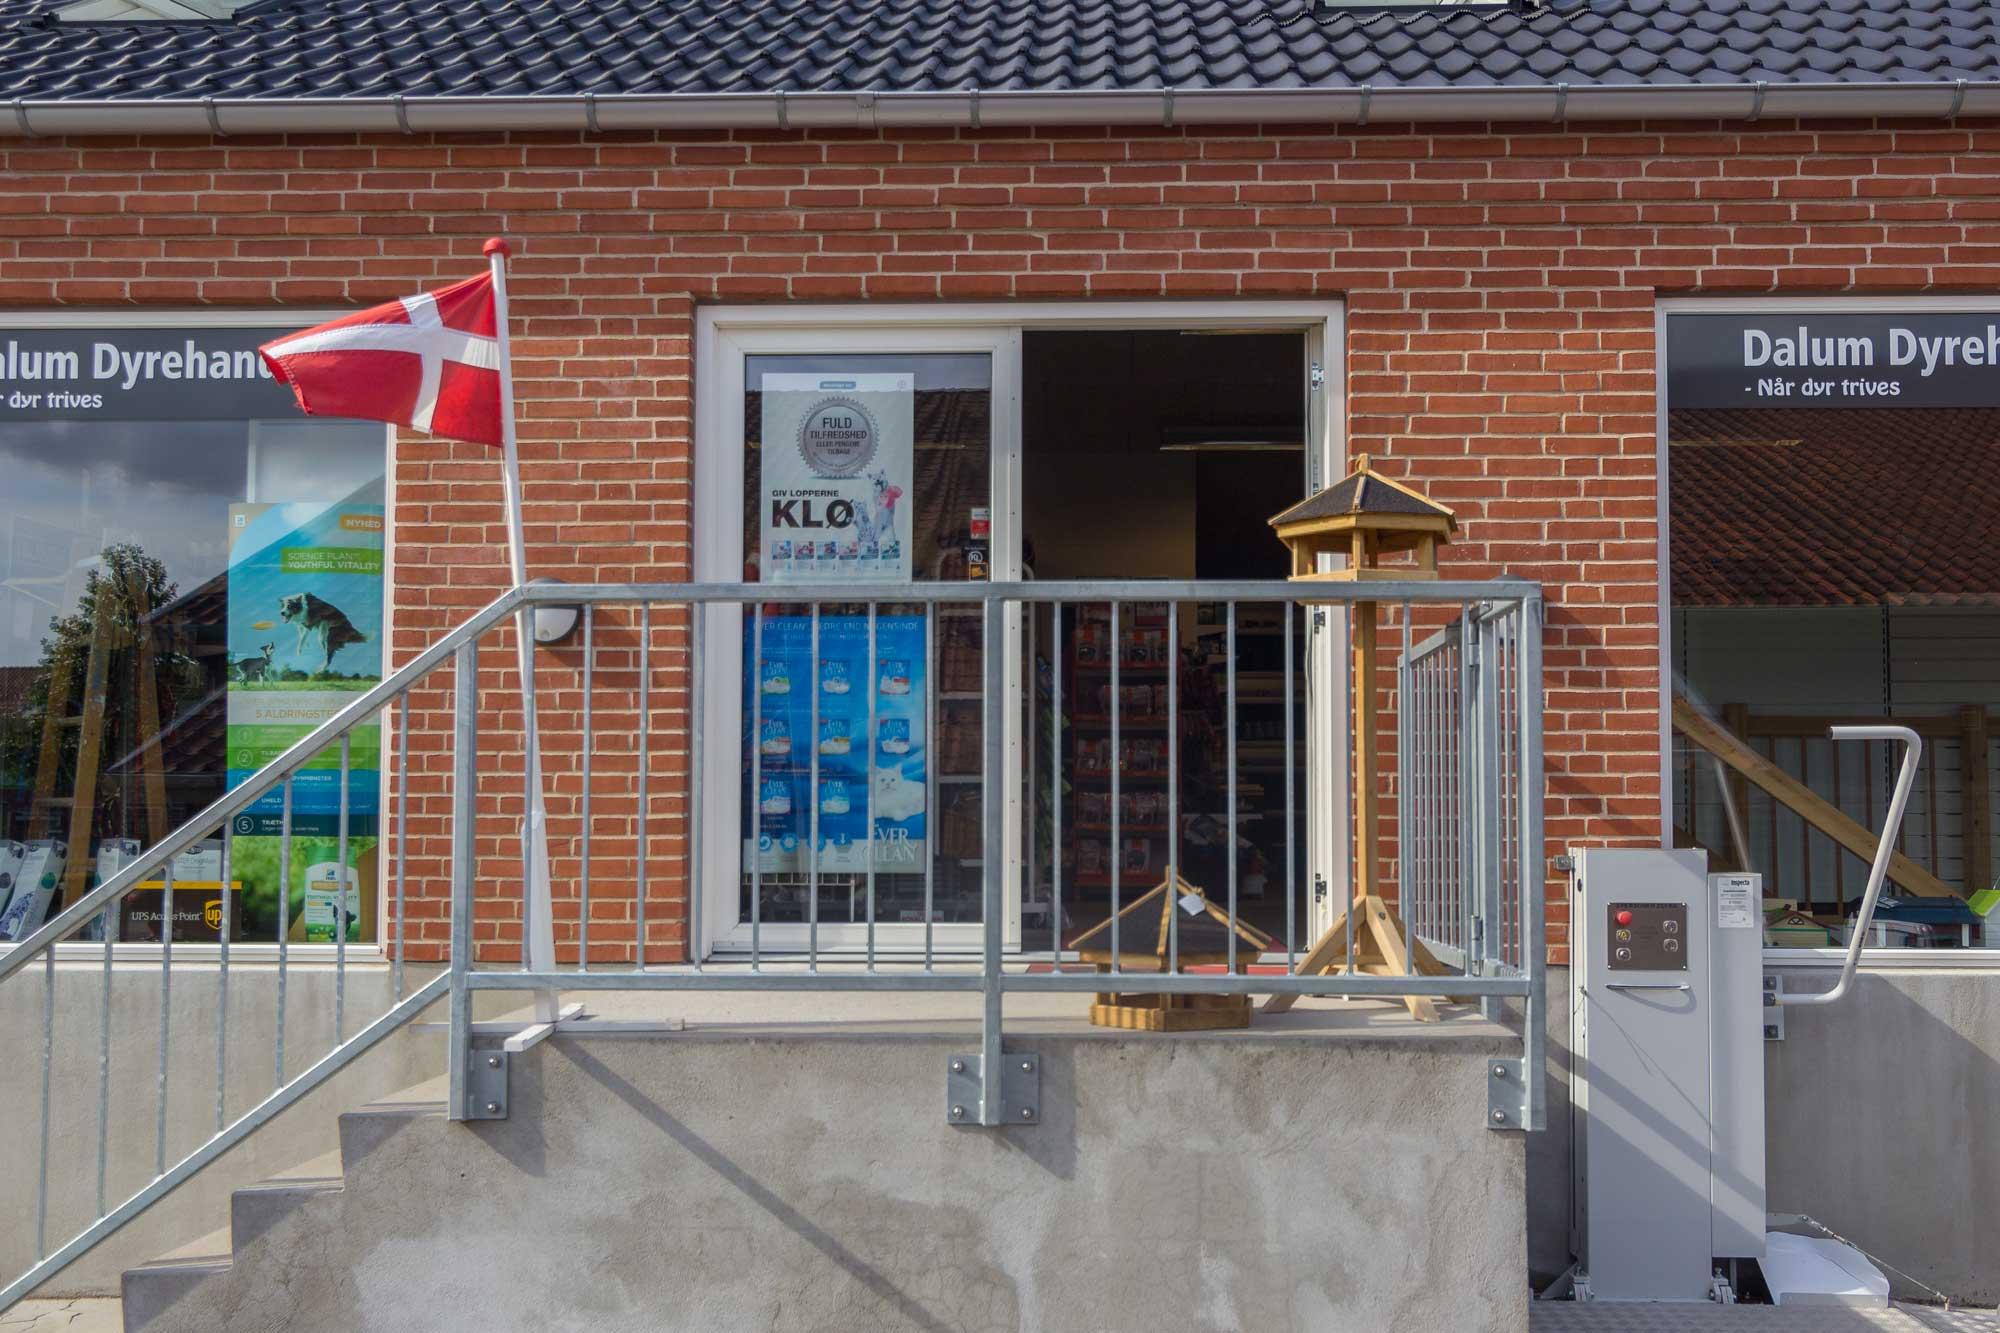 Dalumvej_40_Odense_C-3